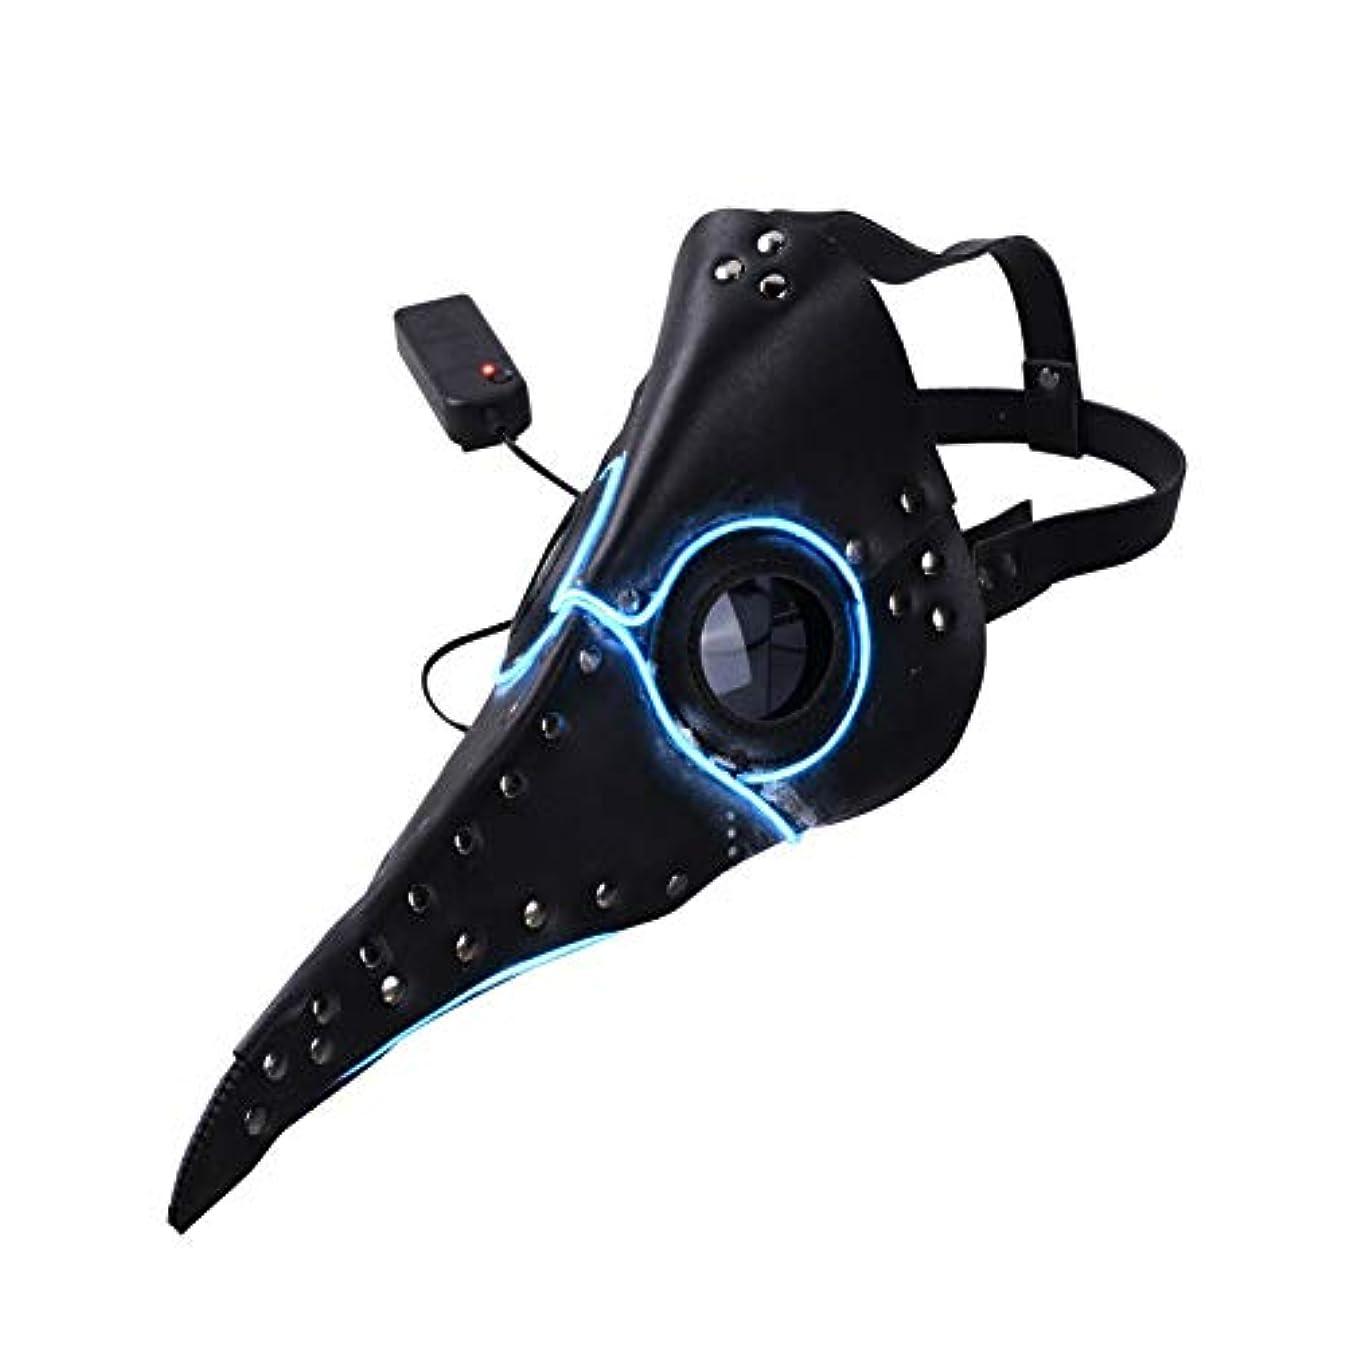 ウガンダ地下鉄すきEsolom LEDが点灯 ペストドクターマスク ロングノーズマスク くちばし ハロウィンデコレーション ゴシックロールプレイング カーニバル衣装小道具